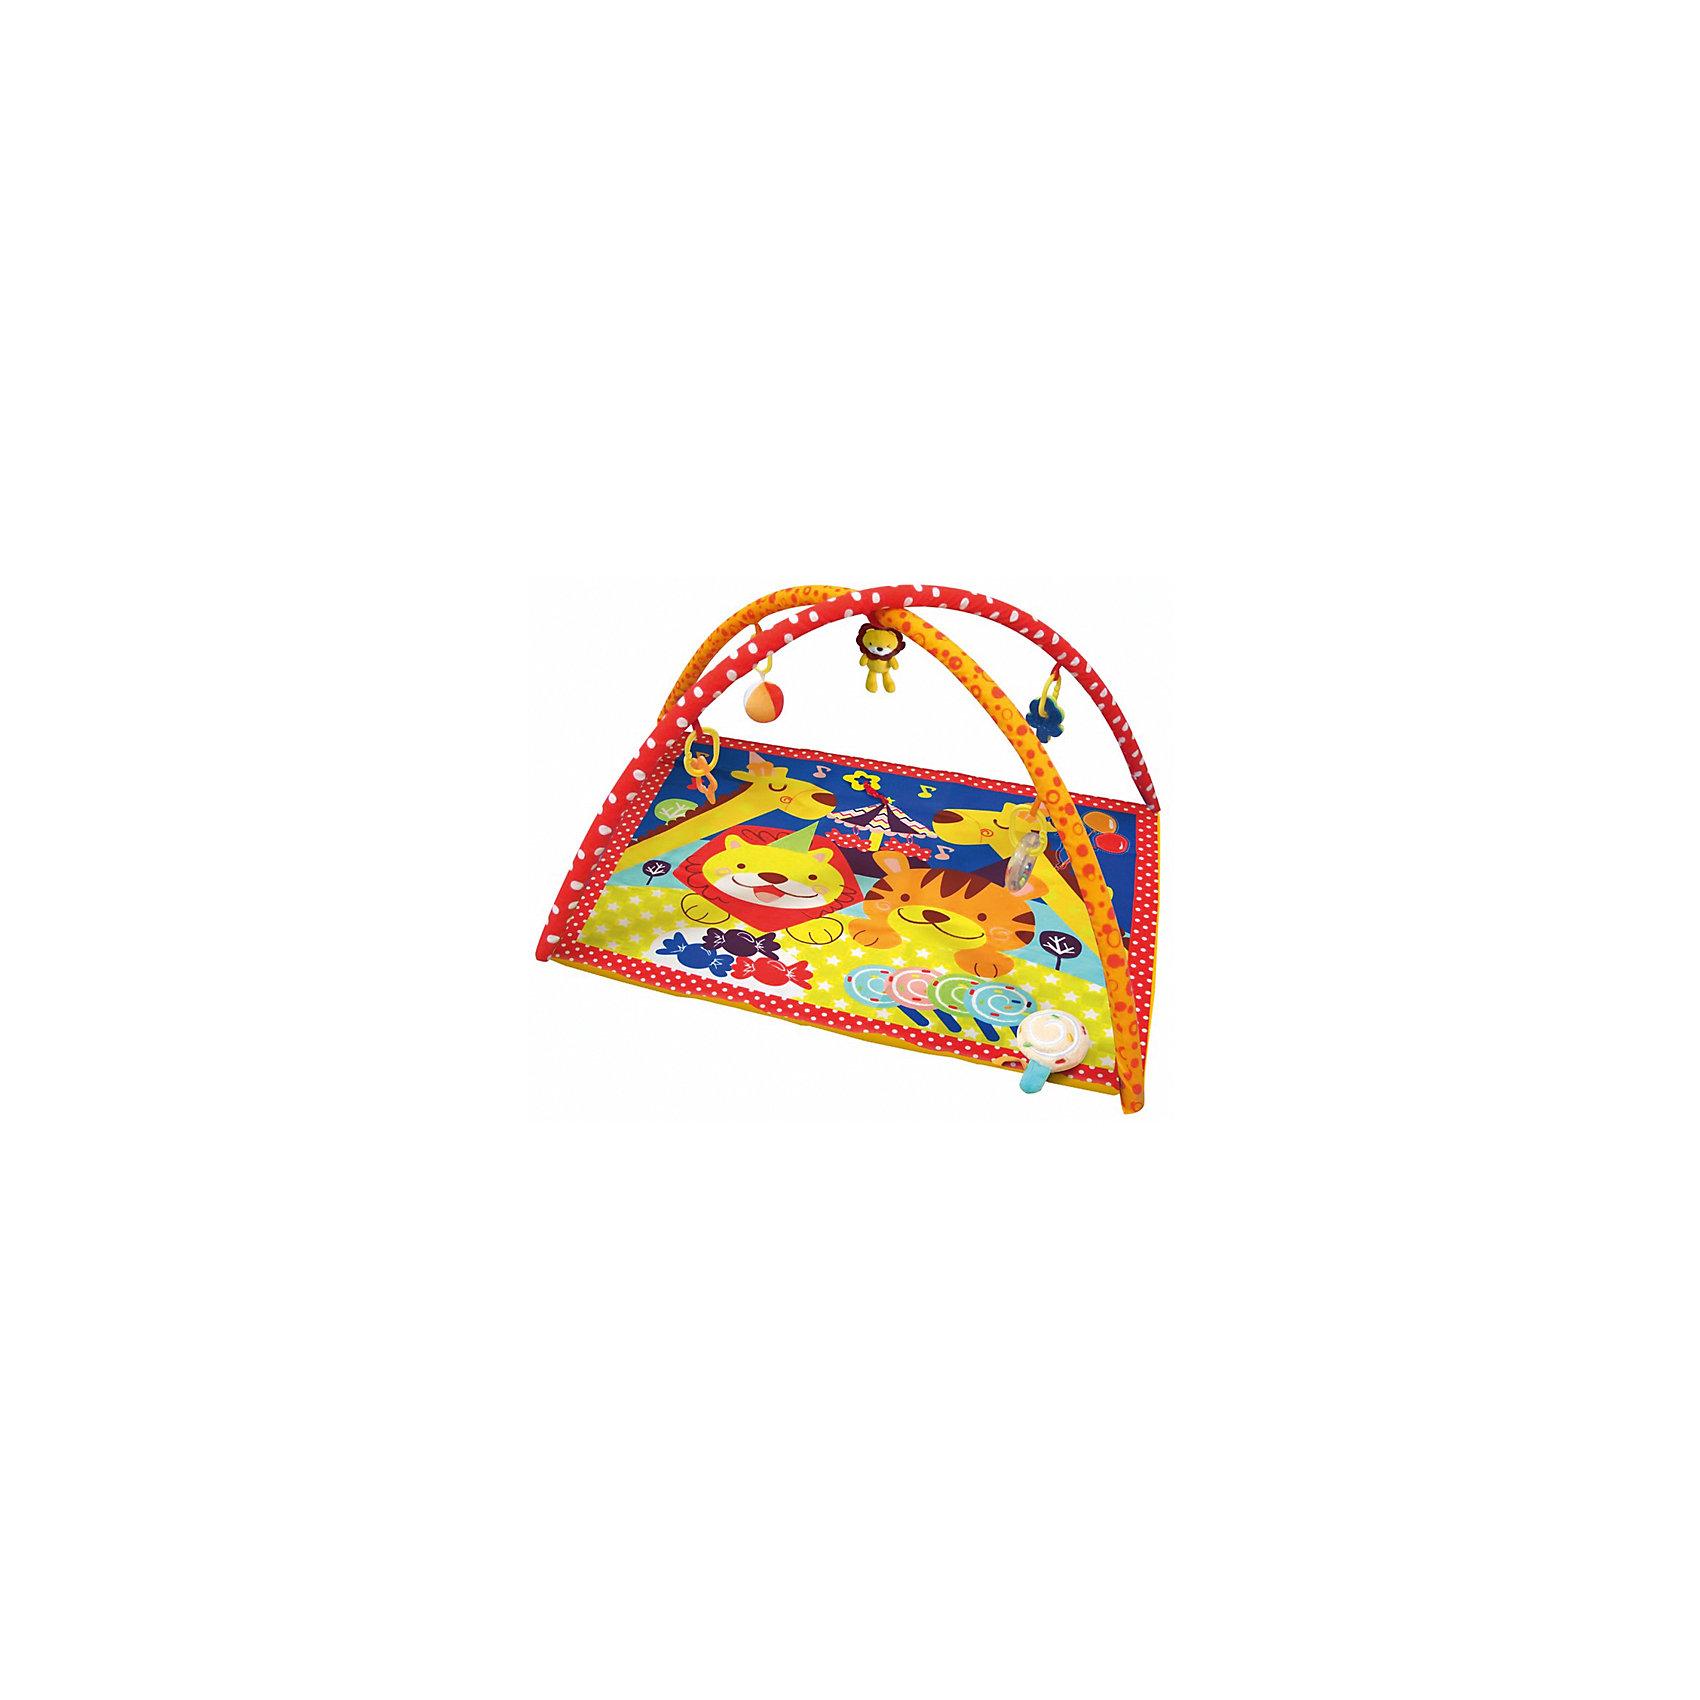 Развивающий игровой коврик Цирк, MERXРазвивающие коврики<br>Развивающий игровой коврик для новорожденных и младенцев. Коврик обеспечит вашему ребенку комфортное и безопасное место для игры, обучения, развития и отдыха.Функции:<br> - Игрушки для развития моторики;<br> - Пищалки для развития слуха;                                      <br> - Использованы разнообразные тактильные материалы;<br> - Разноцветный красочный дизайн, способствующий развитию зрения;<br> - Все игрушки, подвешенные на дугах, можно снять с колец и использовать отдельно от коврика;<br> - Компановка элементов коврика вдохновляет ребенка к движению и игре;<br>                                                Комплектность: Игровой коврик с дугами и аксессуарами.<br>На коврике: Мягкая игрушка с погремушкой. <br>На дугах: Пластиковое кольцо с мягкой игрушкой с пищалкой, Пластиковое кольцо с мягкой игрушкой с погремушкой,  Пластиковое кольцо с ключами для развития моторики, Пластиковое кольцо с прорезывателем.Коврик, внешний слой - Полиэстер; Коврик, наполнитель - Полиэстер; Дуга, каркас - Фиберглас; Дуга внешний слой - Полиэстер; Дуга, наполнитель - Полиэстер; Пластиковая игрушка, прорезыватель - Пластик (ABS, PP, PE); Мягкая игрушка, внешний слой и наполнитеь - Полиэстер.78 х 78 х 46 см<br><br>Ширина мм: 780<br>Глубина мм: 780<br>Высота мм: 460<br>Вес г: 1063<br>Возраст от месяцев: 0<br>Возраст до месяцев: 36<br>Пол: Унисекс<br>Возраст: Детский<br>SKU: 5543781